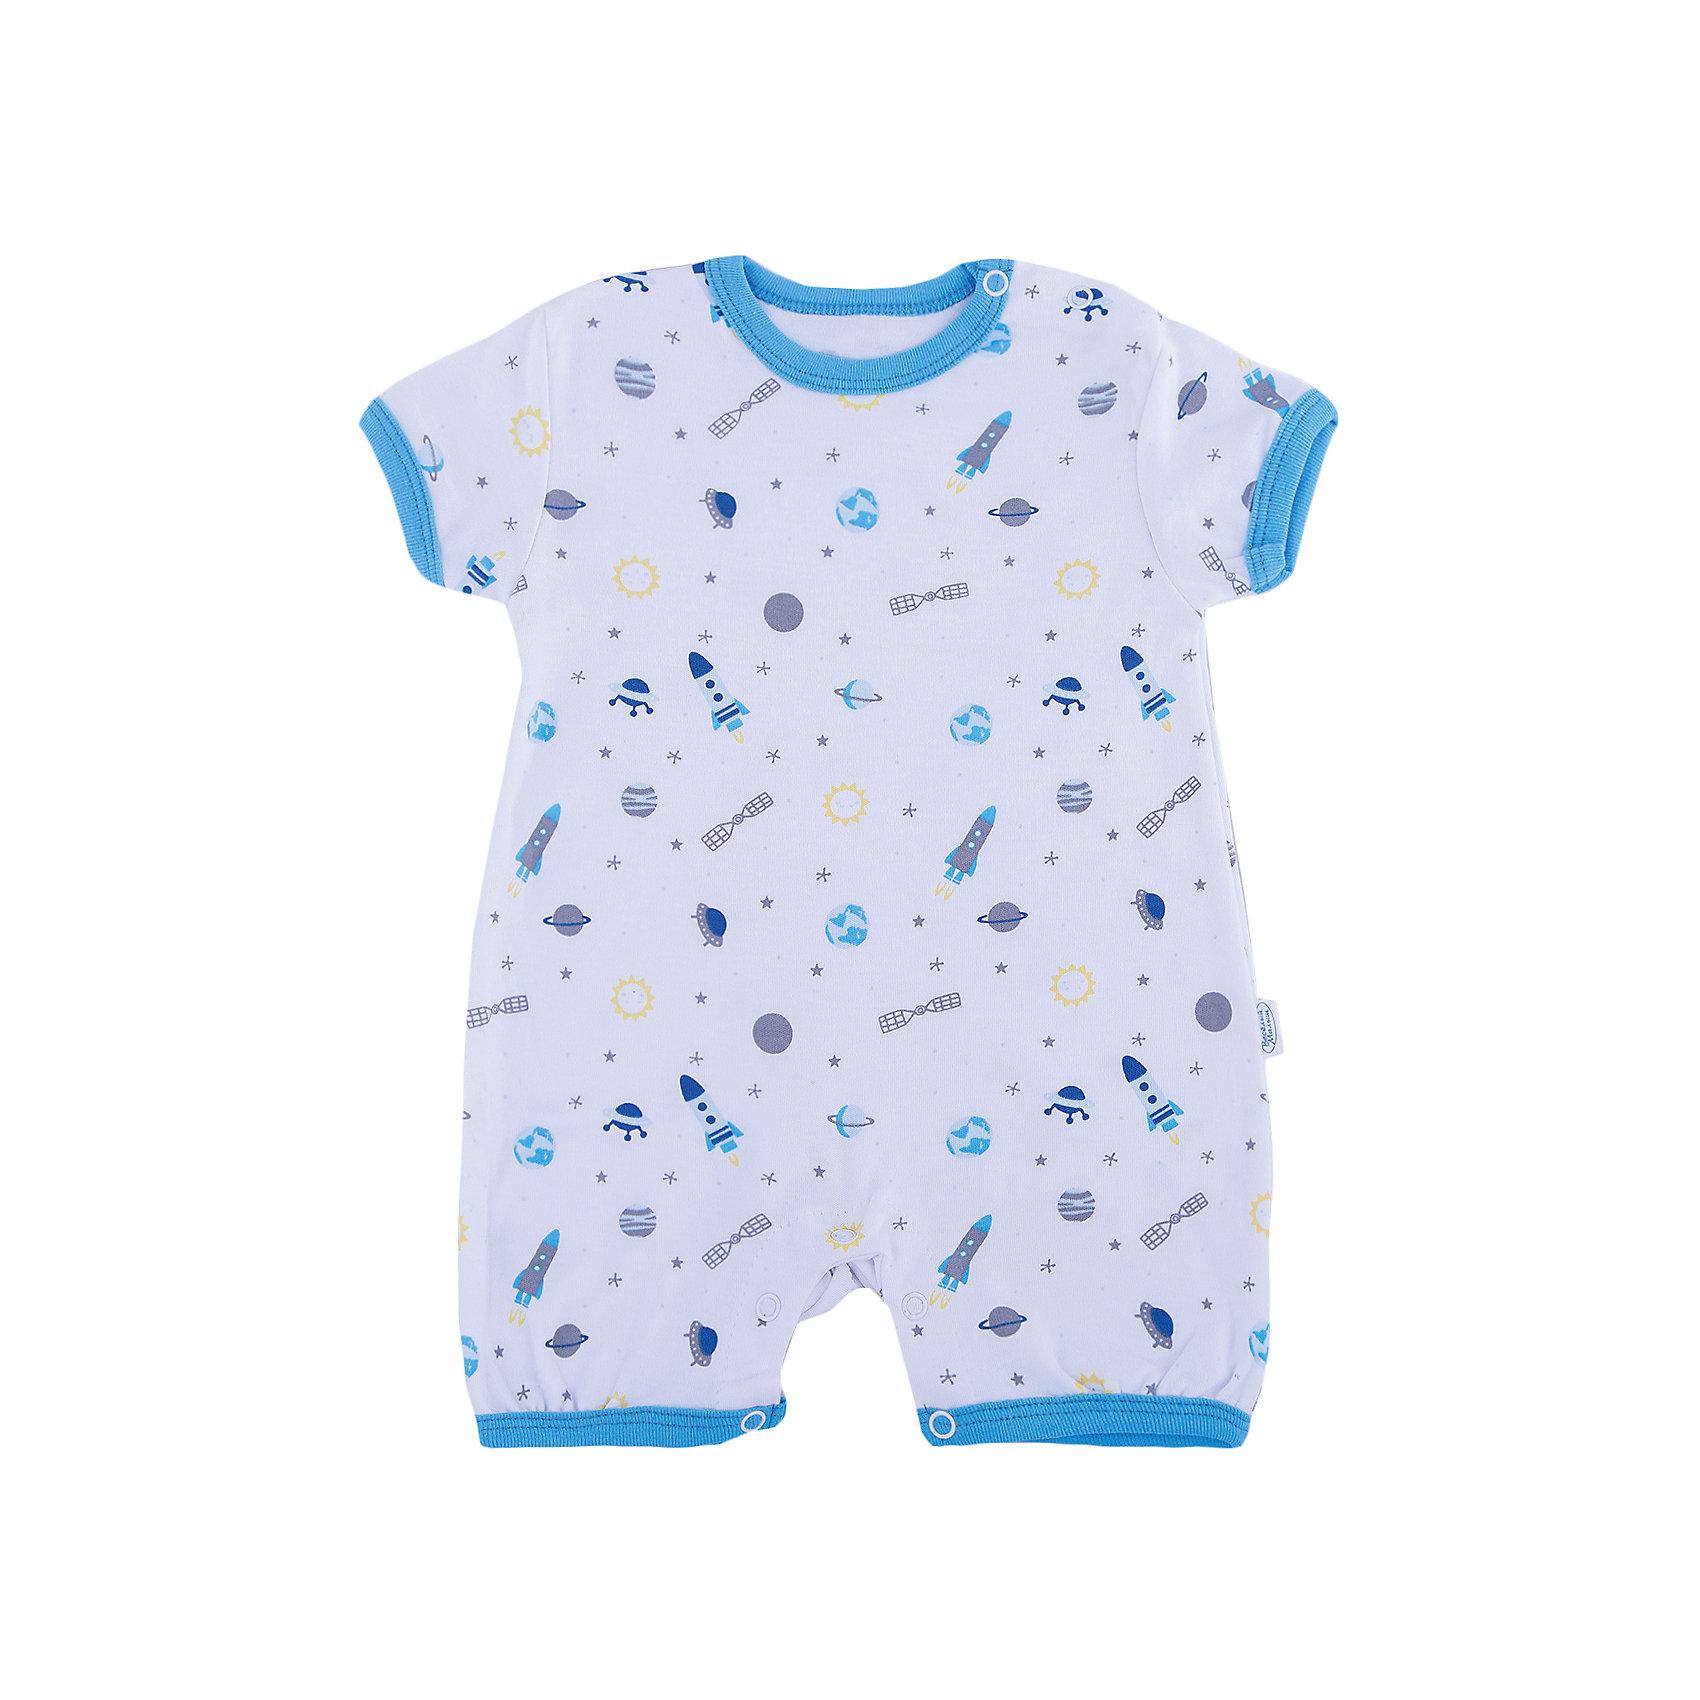 Песочник для мальчика Веселый малышПесочники<br>В заботе о ребенке важно всё! Одежда для малышей должна быть удобной и качественной - это один из необходимых факторов для правильного развития и хорошего самочувствия ребенка.<br>Эти песочники отличаются высоким качеством швов, хорошей окантовкой краёв изделия, что позволяет им хорошо фиксироваться на теле малыша, не сползать и не натирать. Застежки - удобные кнопки, которые не мешают ребенку. Материал - интерлок. Это плотная ткань из натурального хлопка, гладкая, приятная на ощупь, дышащая и гипоаллергенная. Расцветка изделий позволяет легко комбинировать их с различной одеждой. В наборе - два песочника разных расцветок.<br><br>Дополнительная информация:<br><br>материал: 100% хлопок интерлок;<br>застежки: кнопки;<br>короткий рукав;<br>комплектация: 2 песочника.<br><br>Комплект песочников от бренда Веселый малыш можно купить в нашем магазине.<br><br>Ширина мм: 157<br>Глубина мм: 13<br>Высота мм: 119<br>Вес г: 200<br>Цвет: разноцветный<br>Возраст от месяцев: 2<br>Возраст до месяцев: 5<br>Пол: Мужской<br>Возраст: Детский<br>Размер: 62,68,74<br>SKU: 4810307